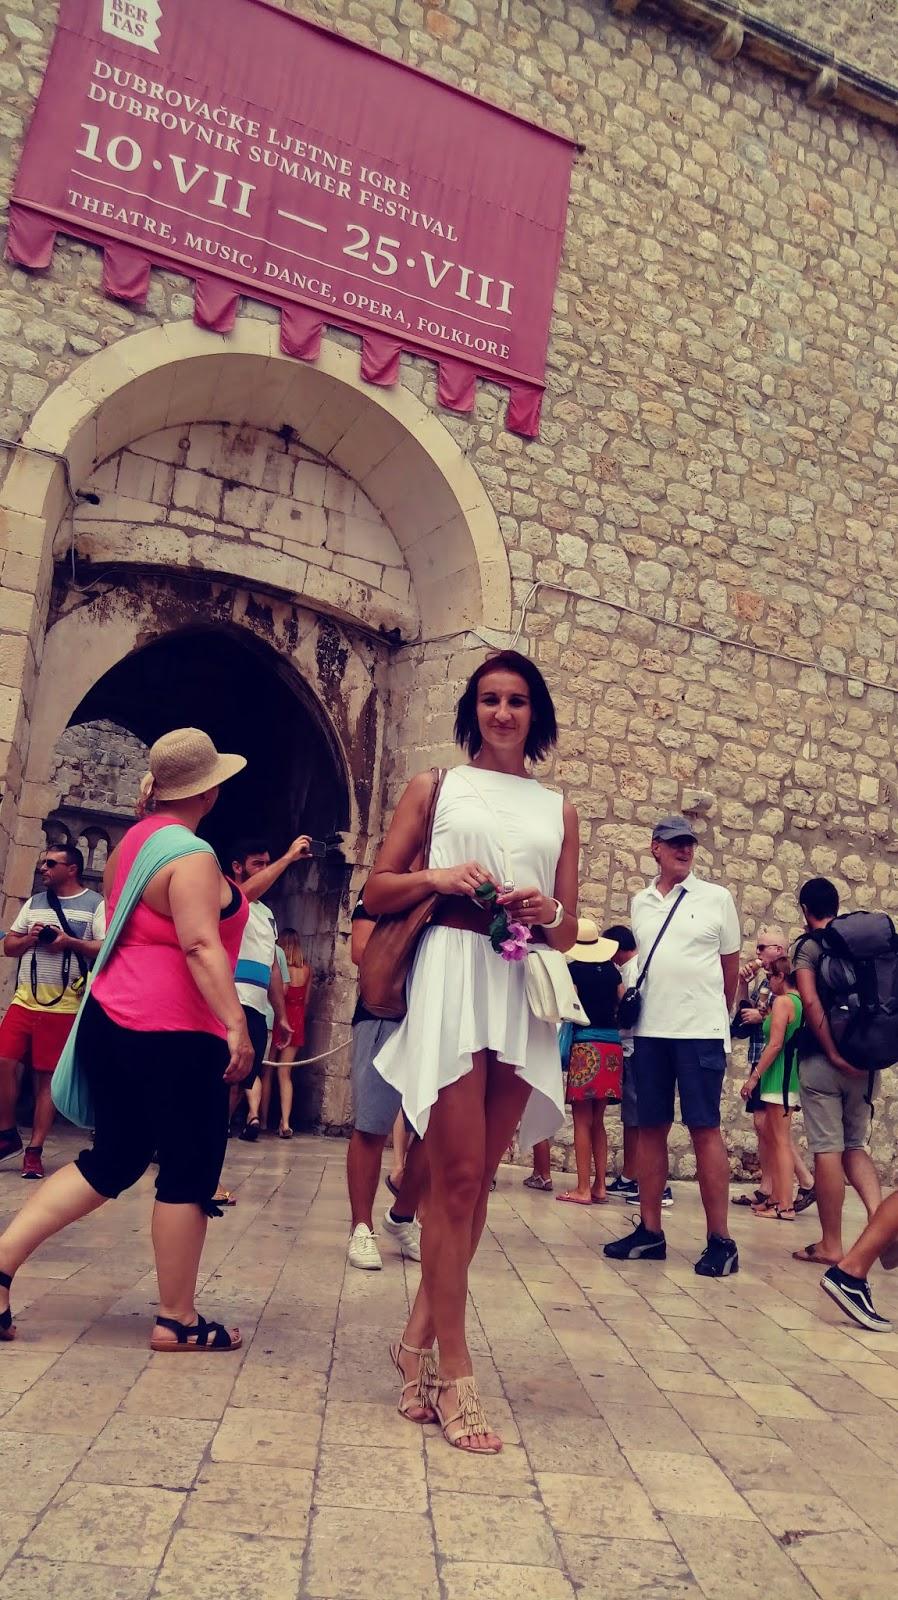 Chorwackie wakacje, gdzie jechac do Chorwacji, dubrownik